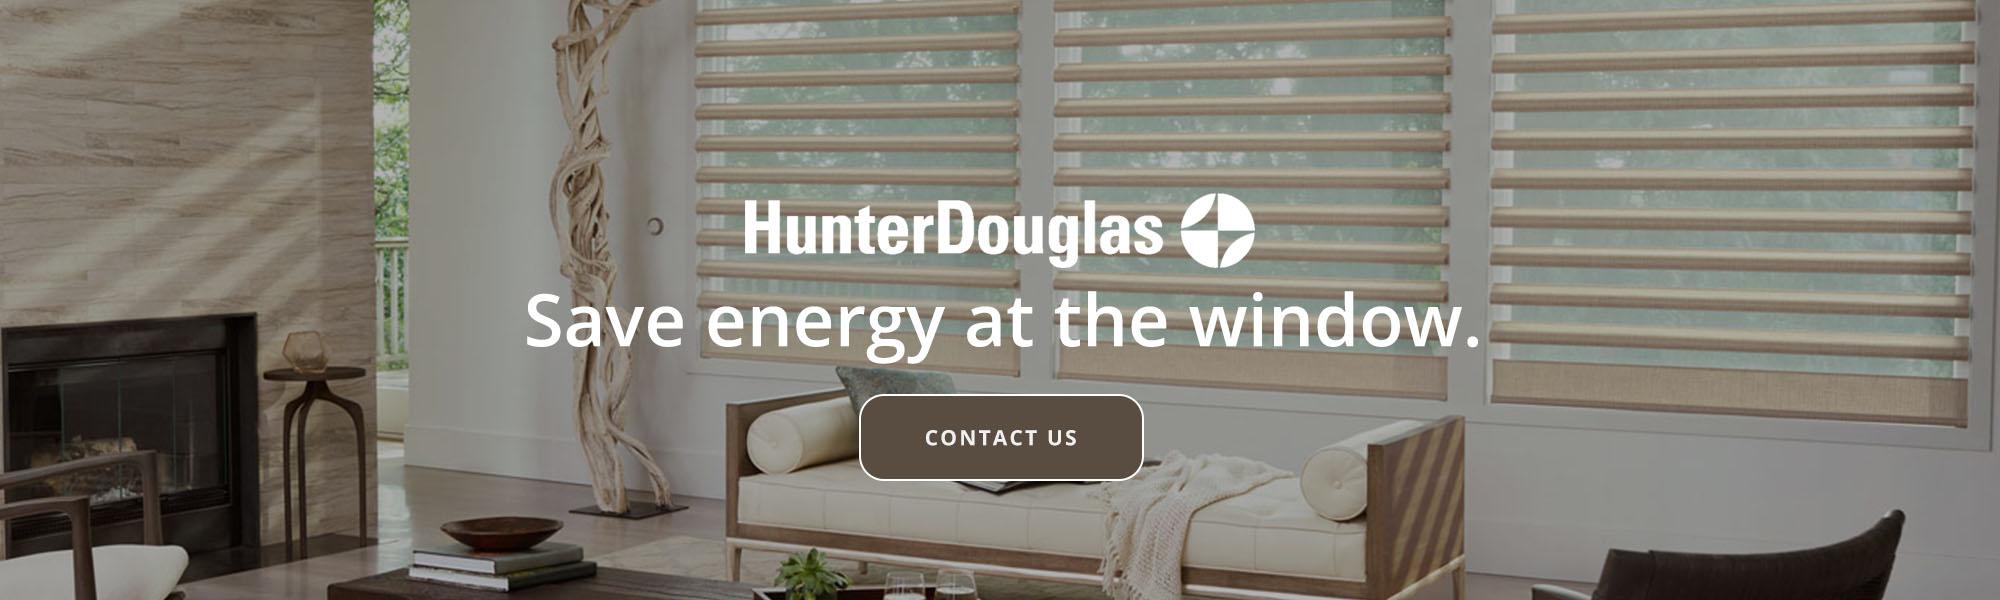 Hunter Douglas Save Energy